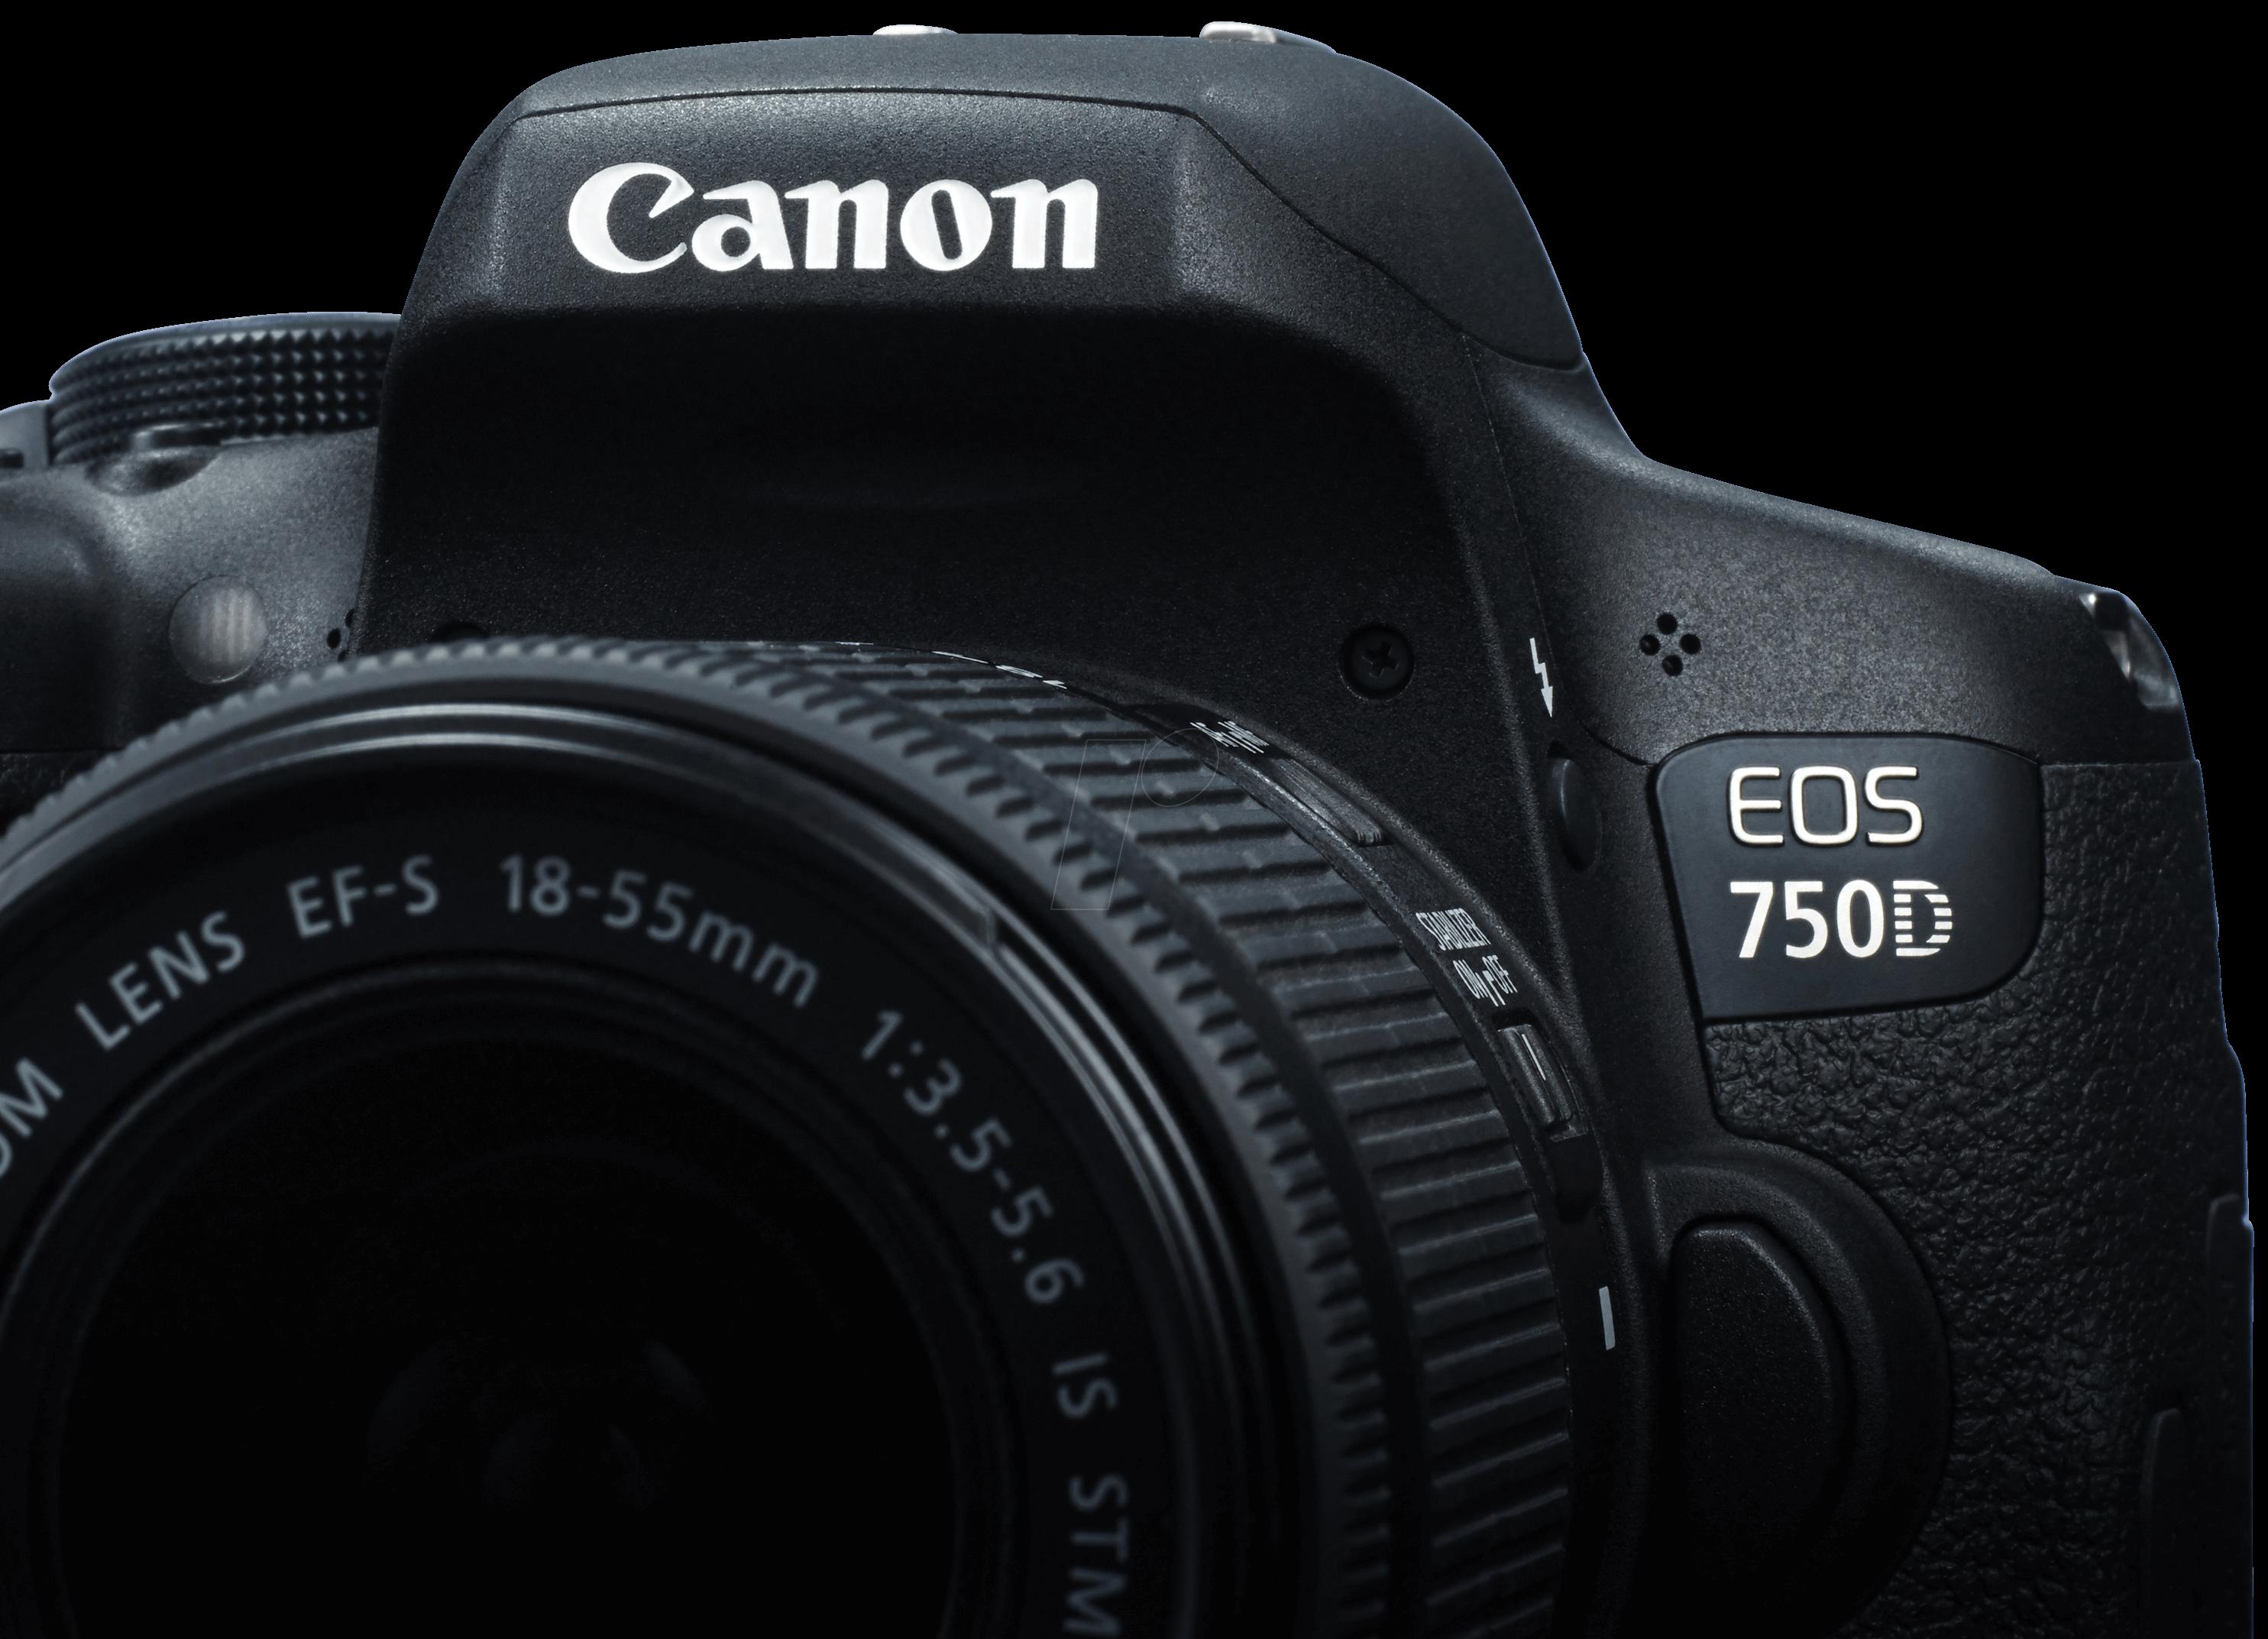 https://cdn-reichelt.de/bilder/web/xxl_ws/I200/CANON_EOS_750D_EF-S18-55STM_08.png